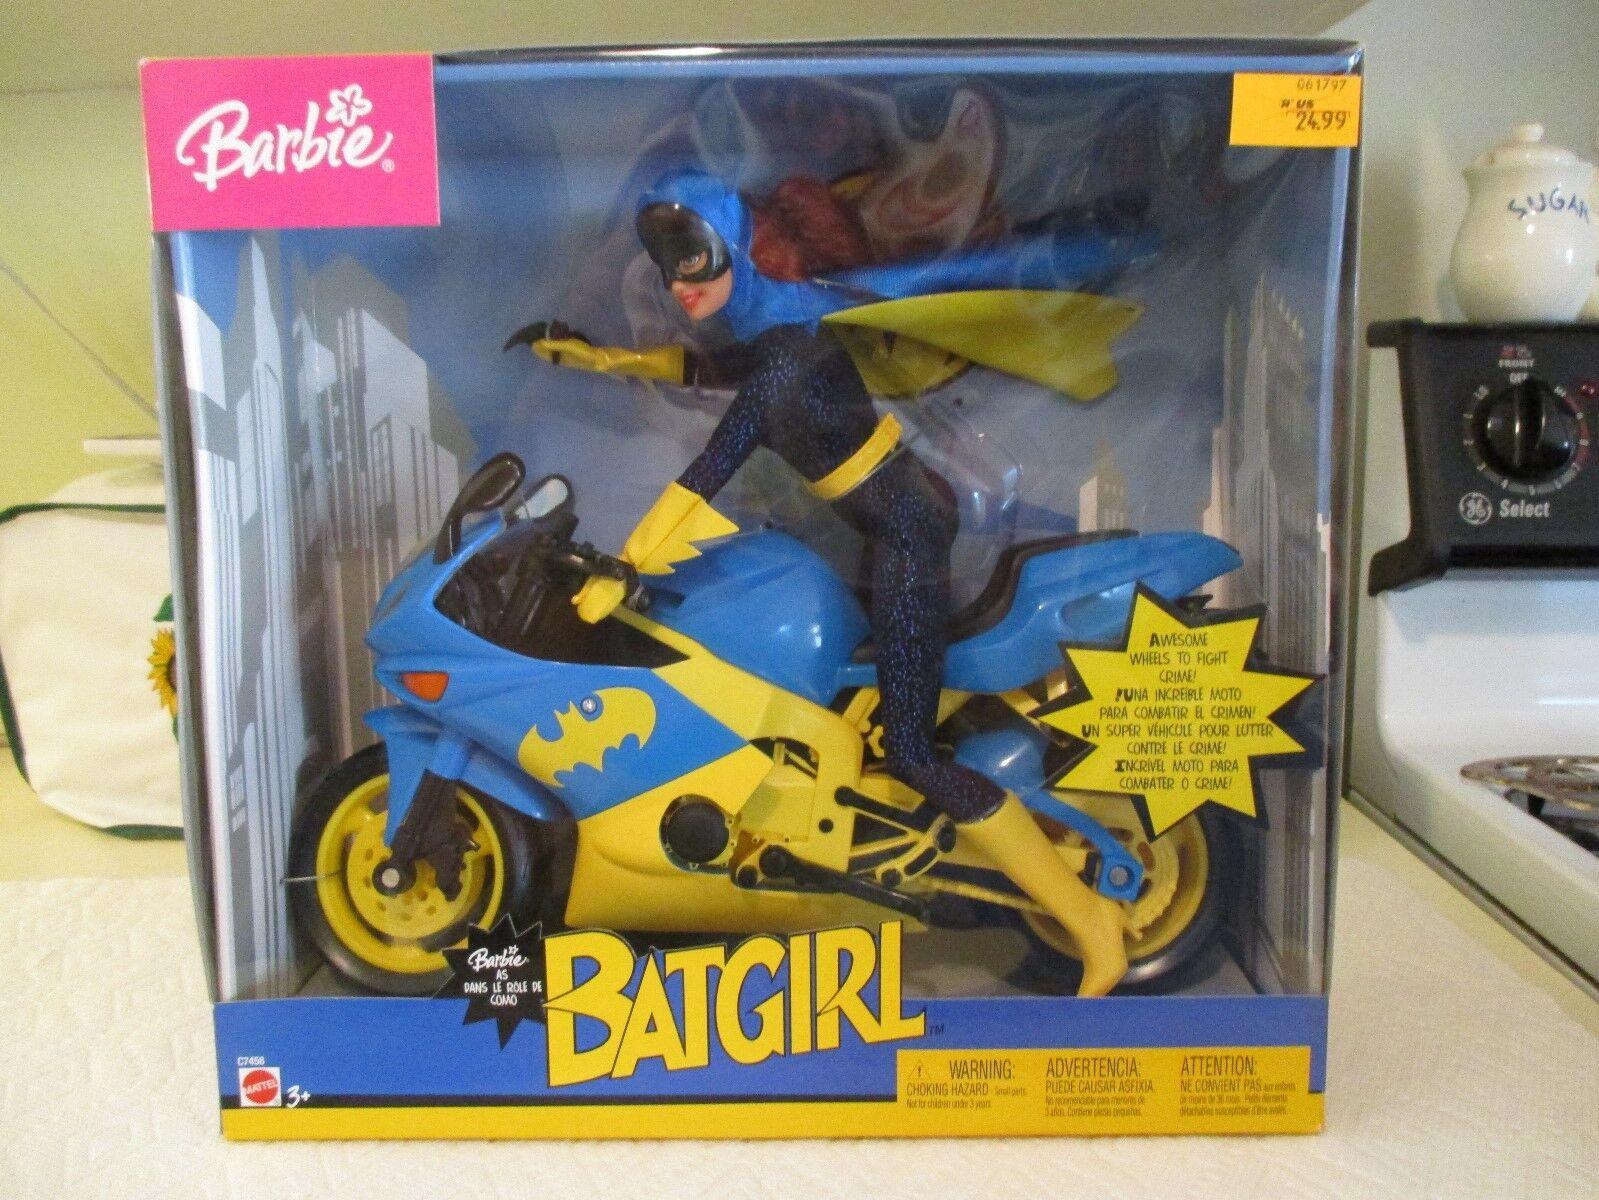 Barbie Batgirl en el motor ciclo nunca quitado de la caja nuevo  sellado de fábrica